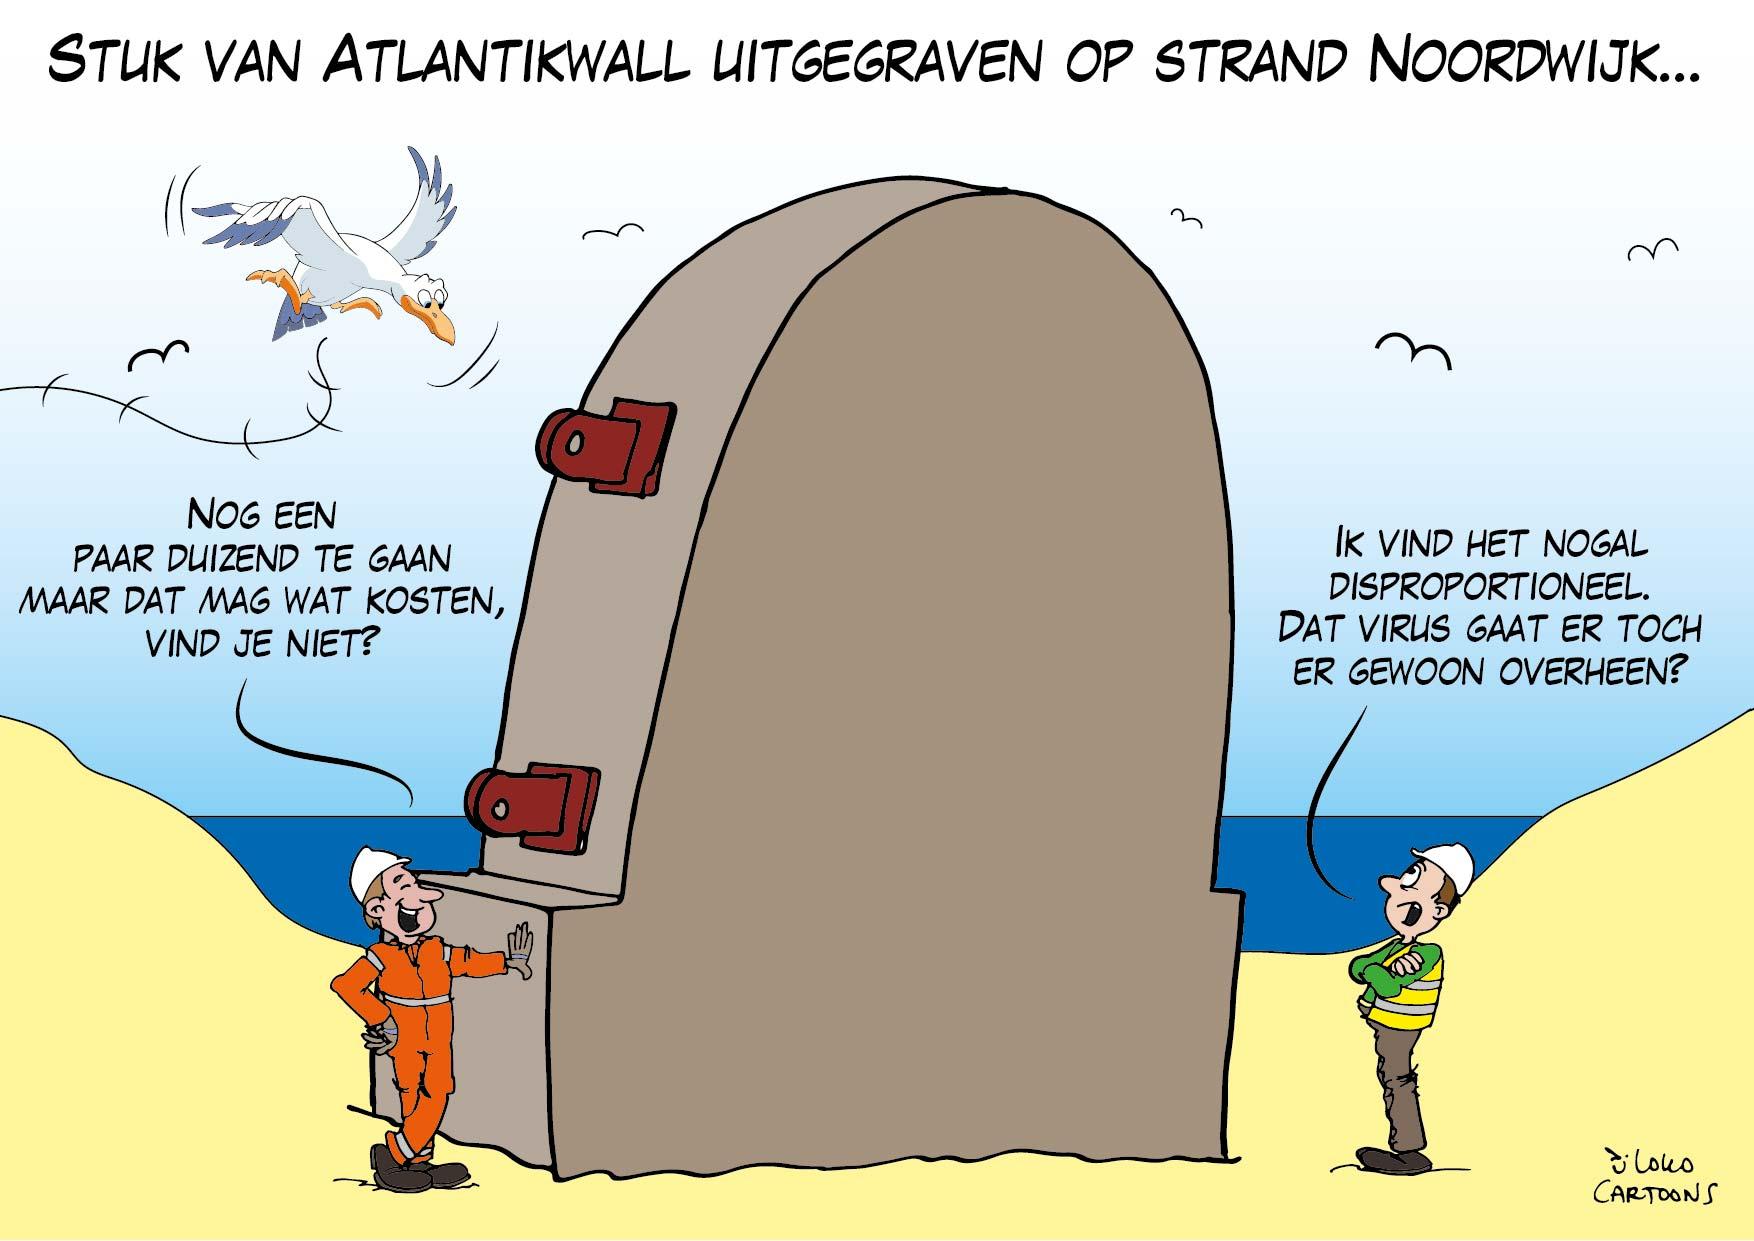 Stuk van Atlantikwall uitgegraven op strand Noordwijk…